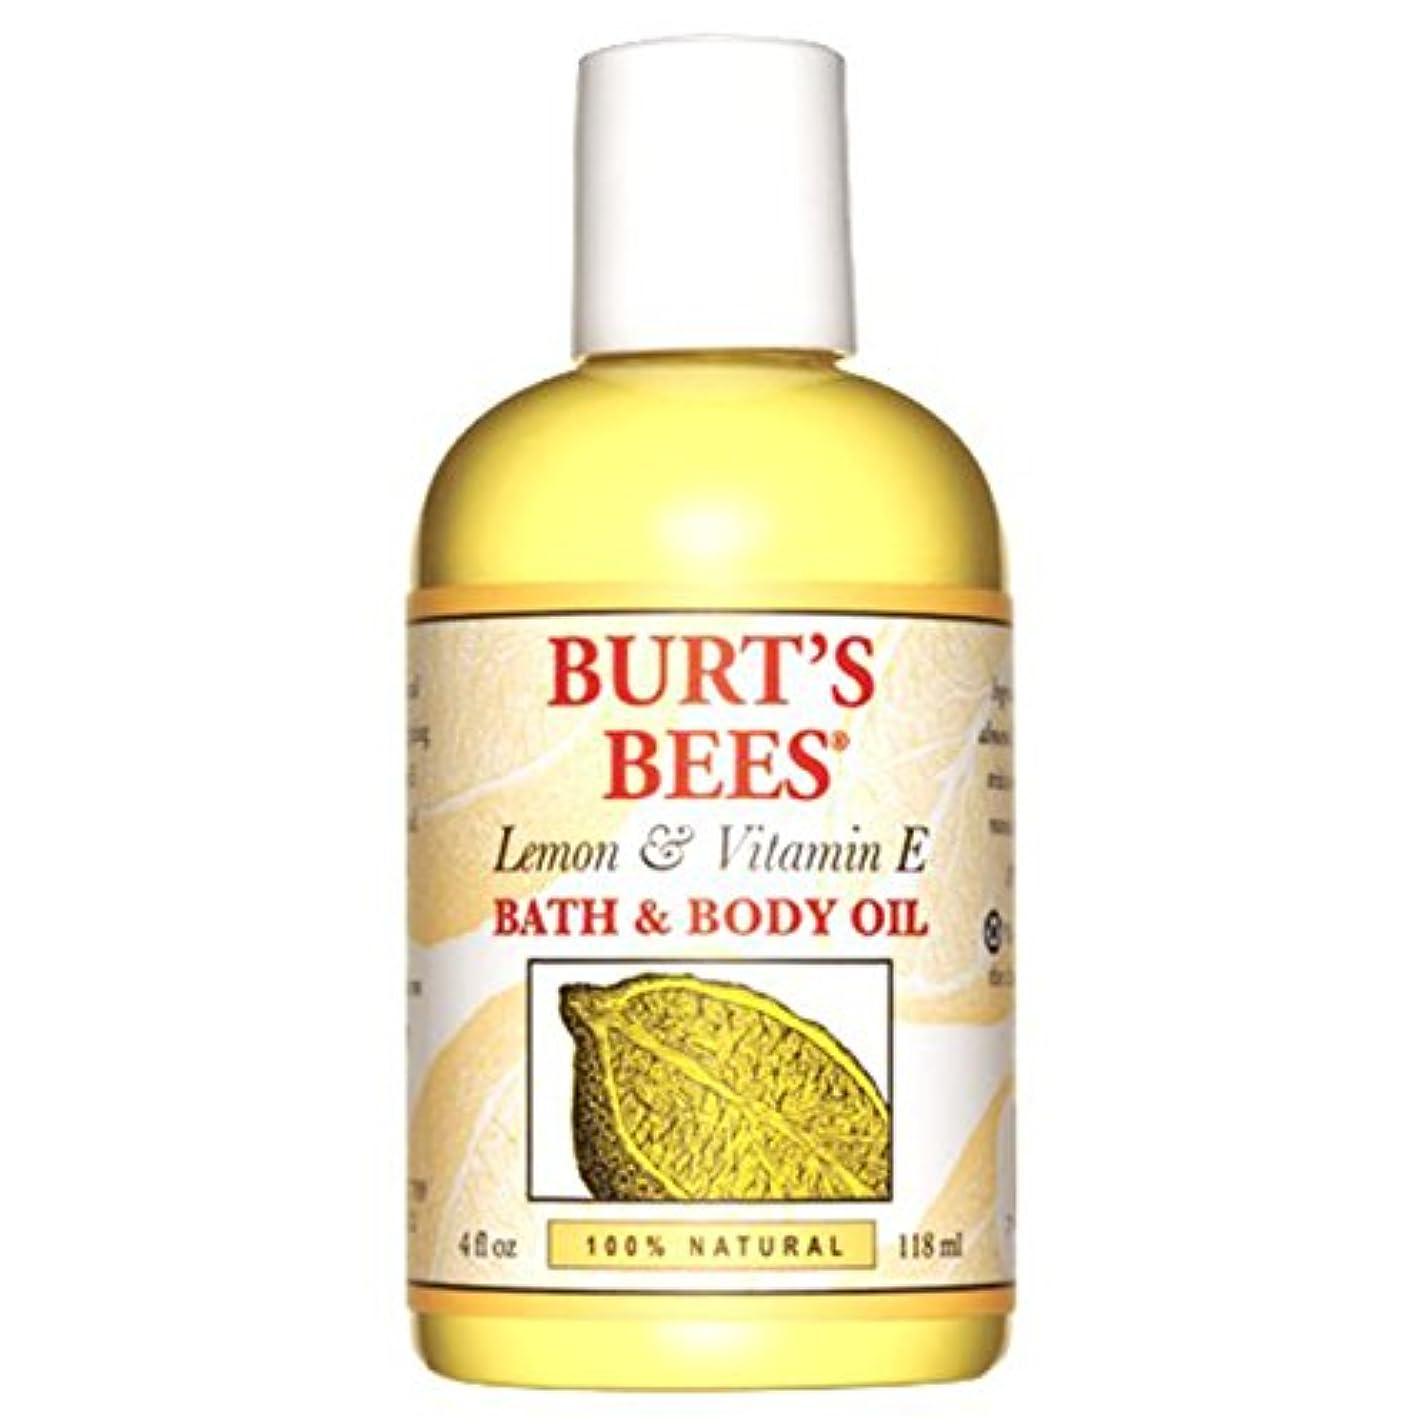 位置づける未来反映するバーツビーズ (Burt's Bees) L&E バス&ボディオイル 118ml